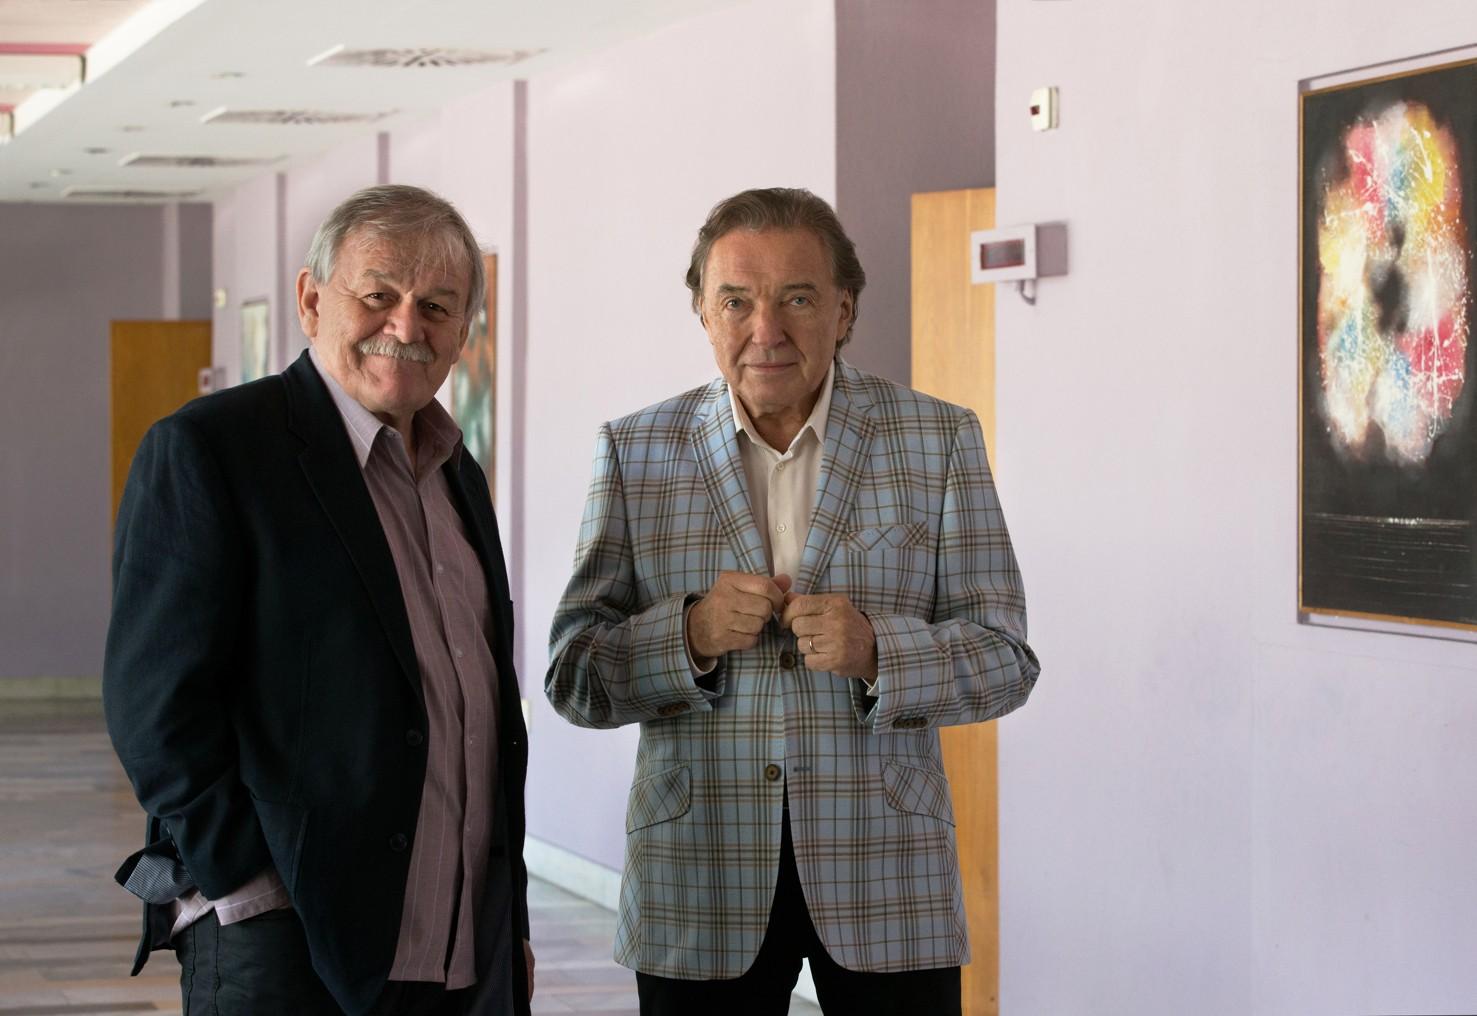 Filmové povídky Škoda lásky během Vánoc 2013 v České televizi